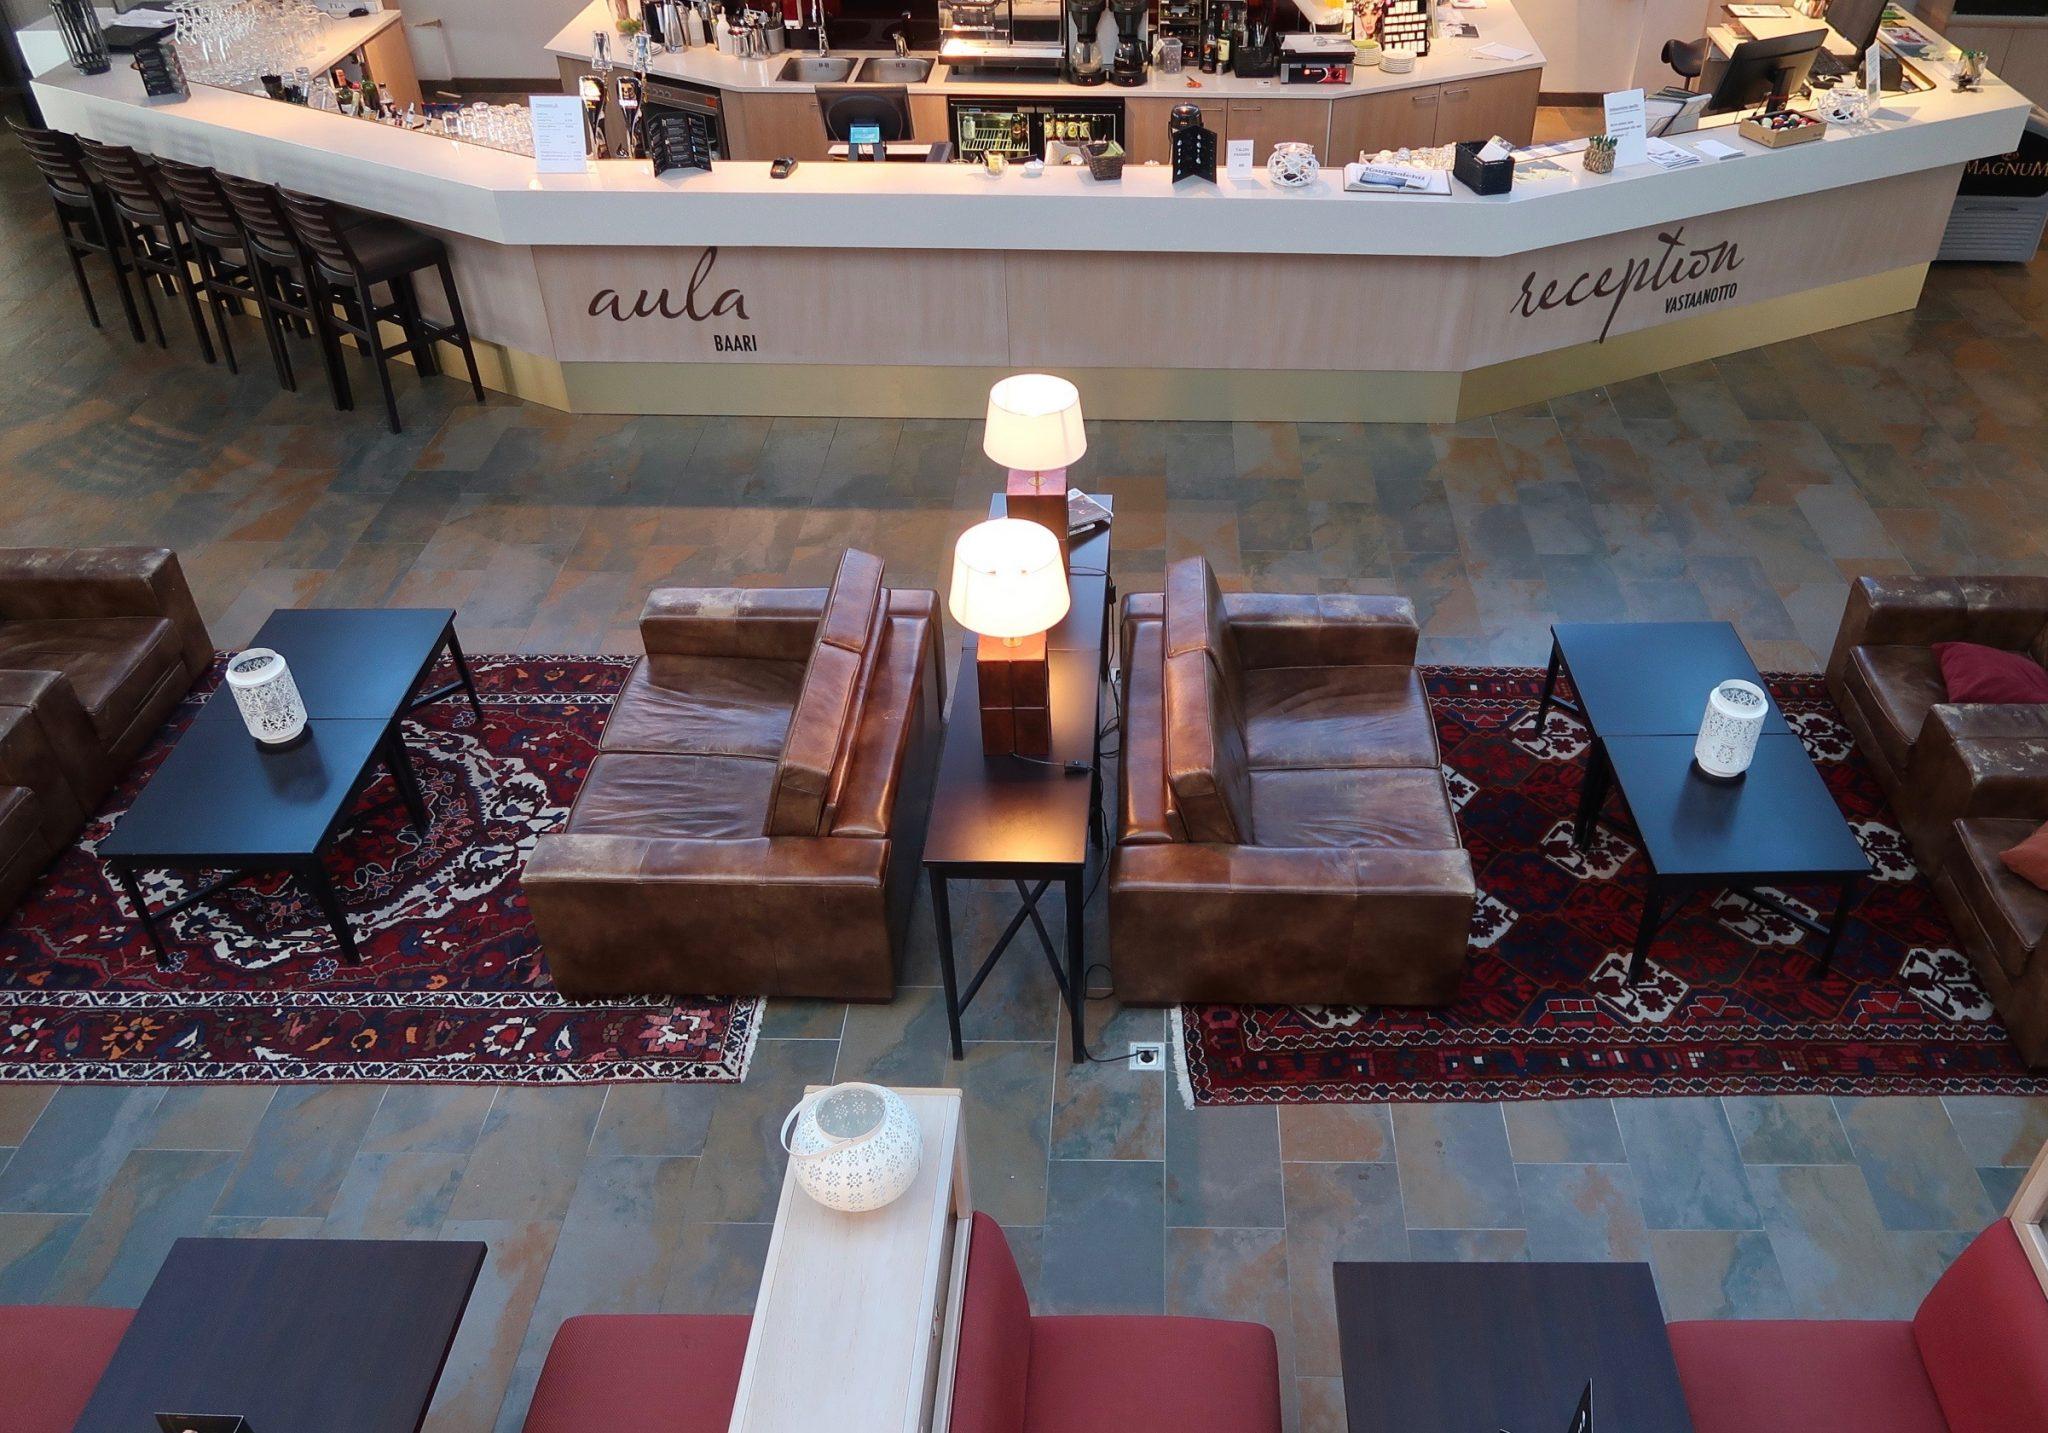 Petäys Resort aula